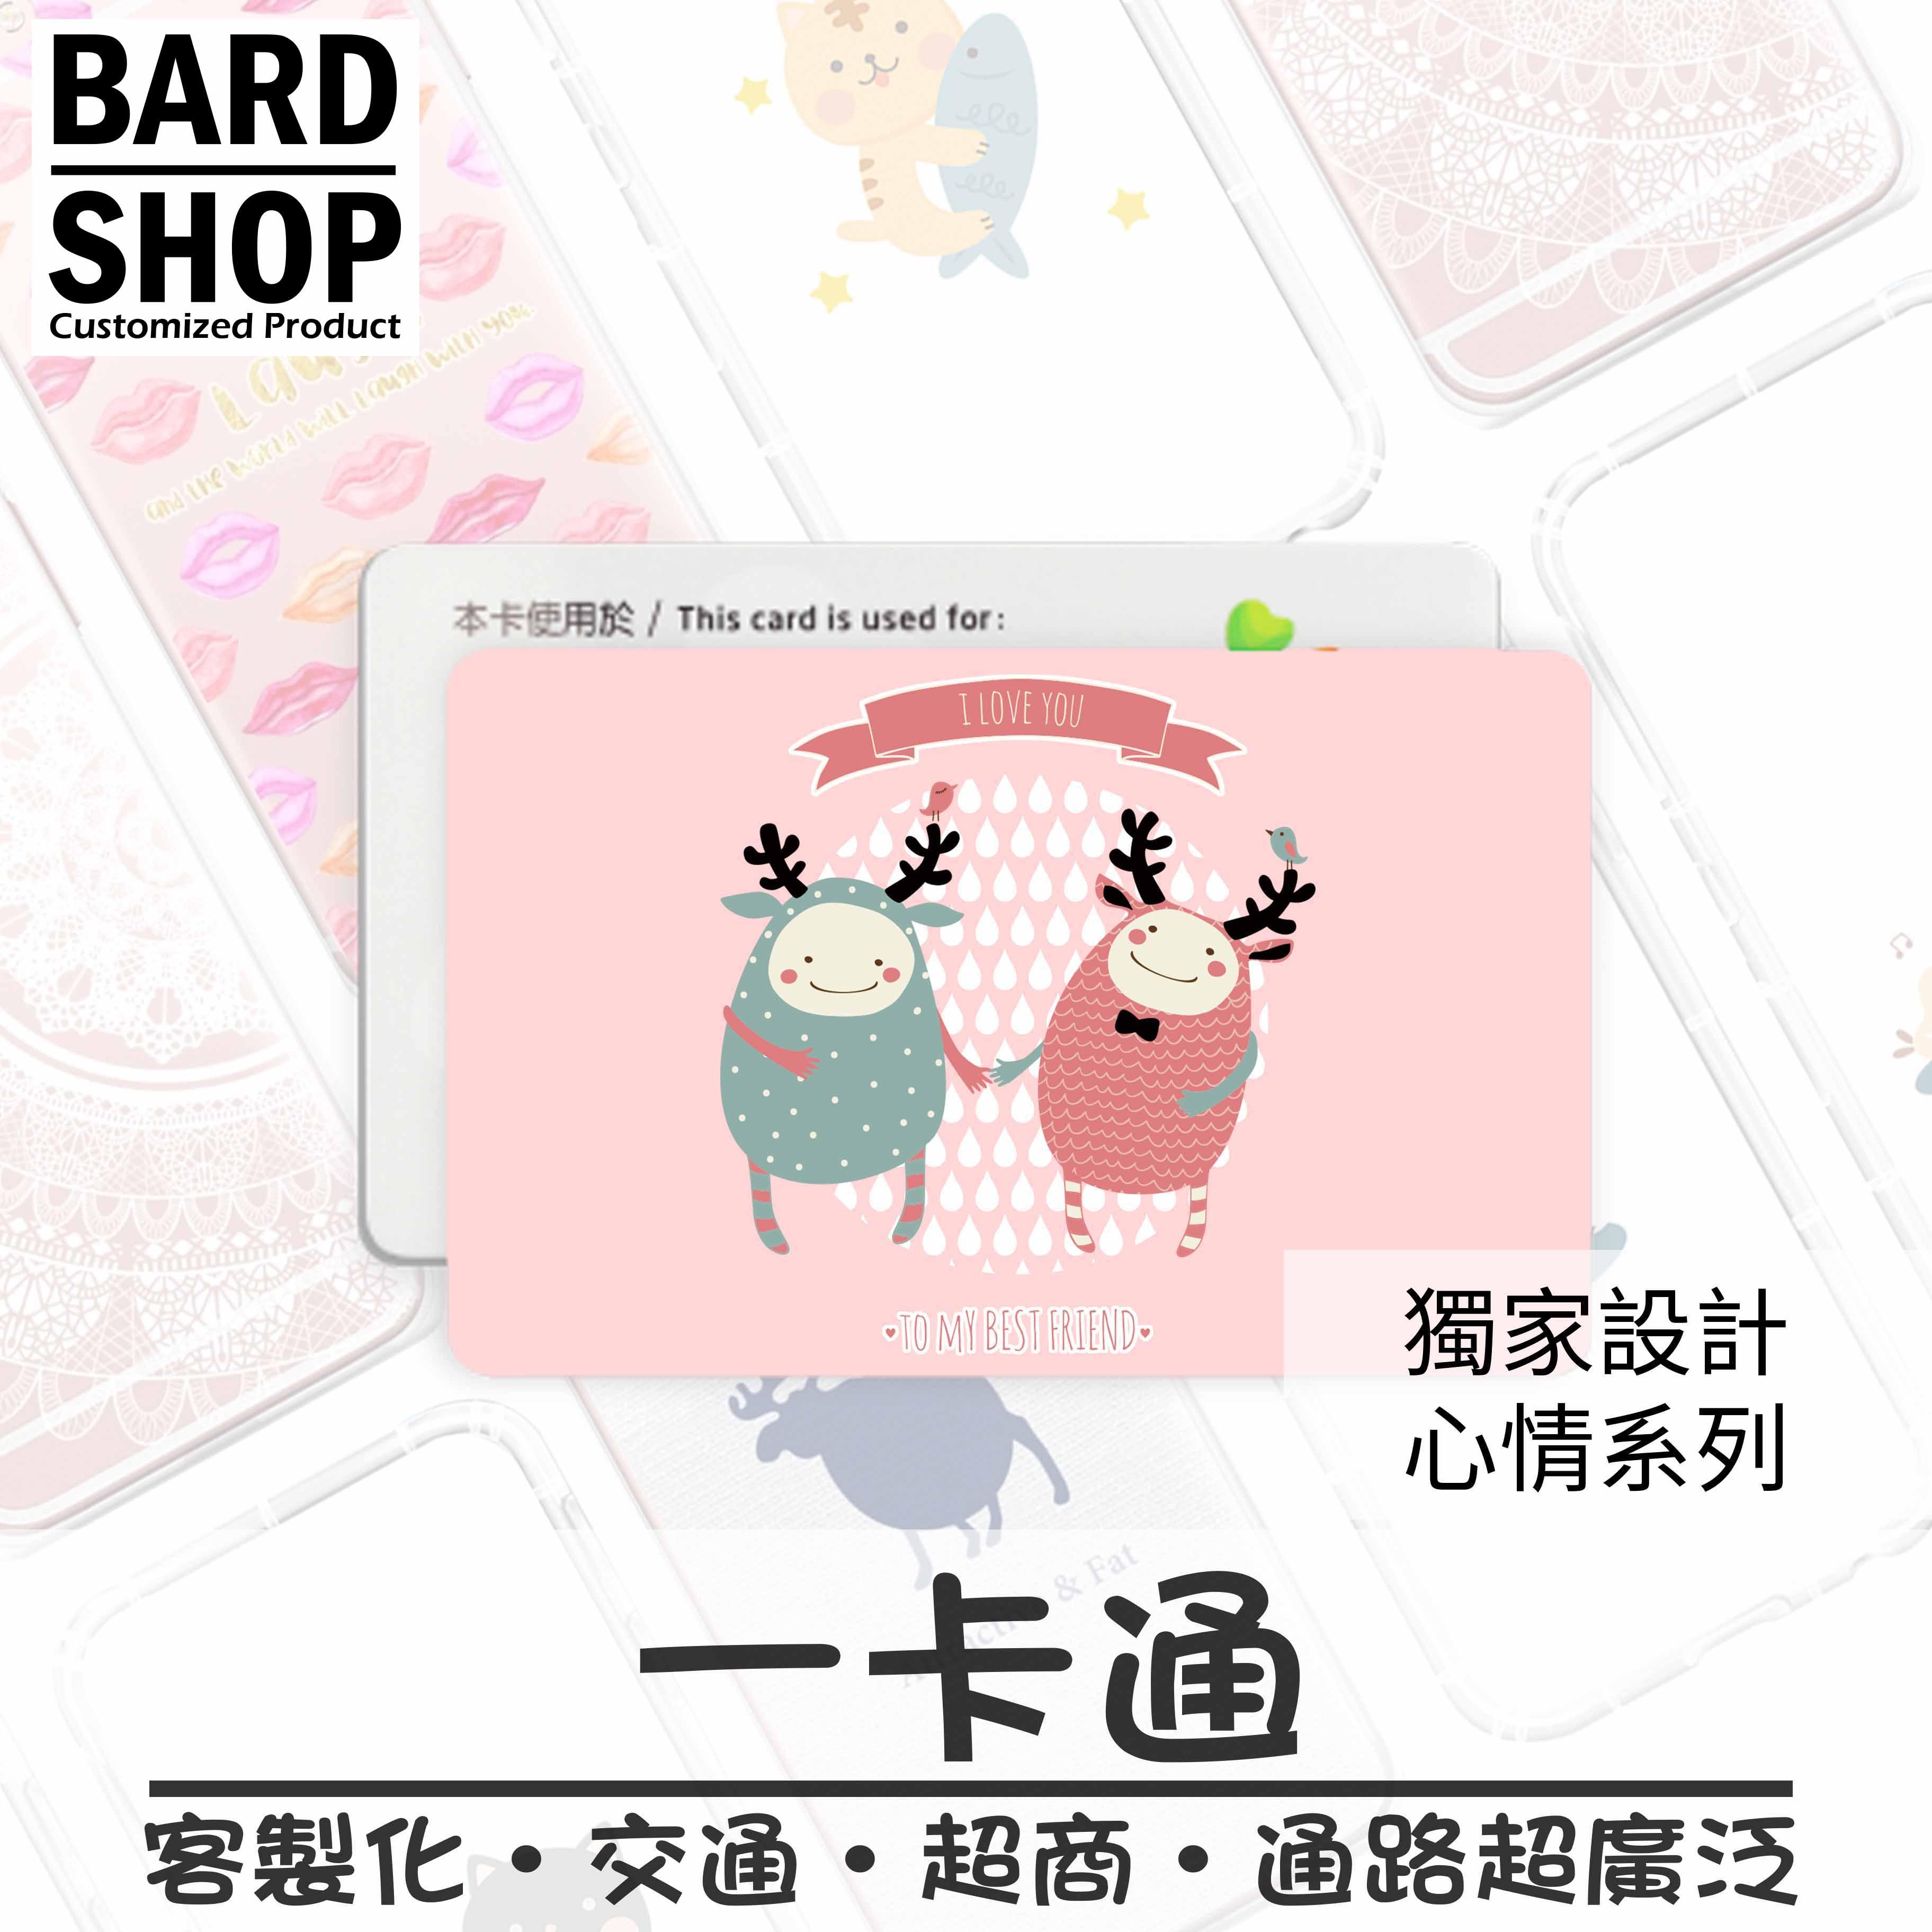 【客製圖案】BardShop客製化交通卡-悠遊卡/送禮/自用/生日/訂做 0